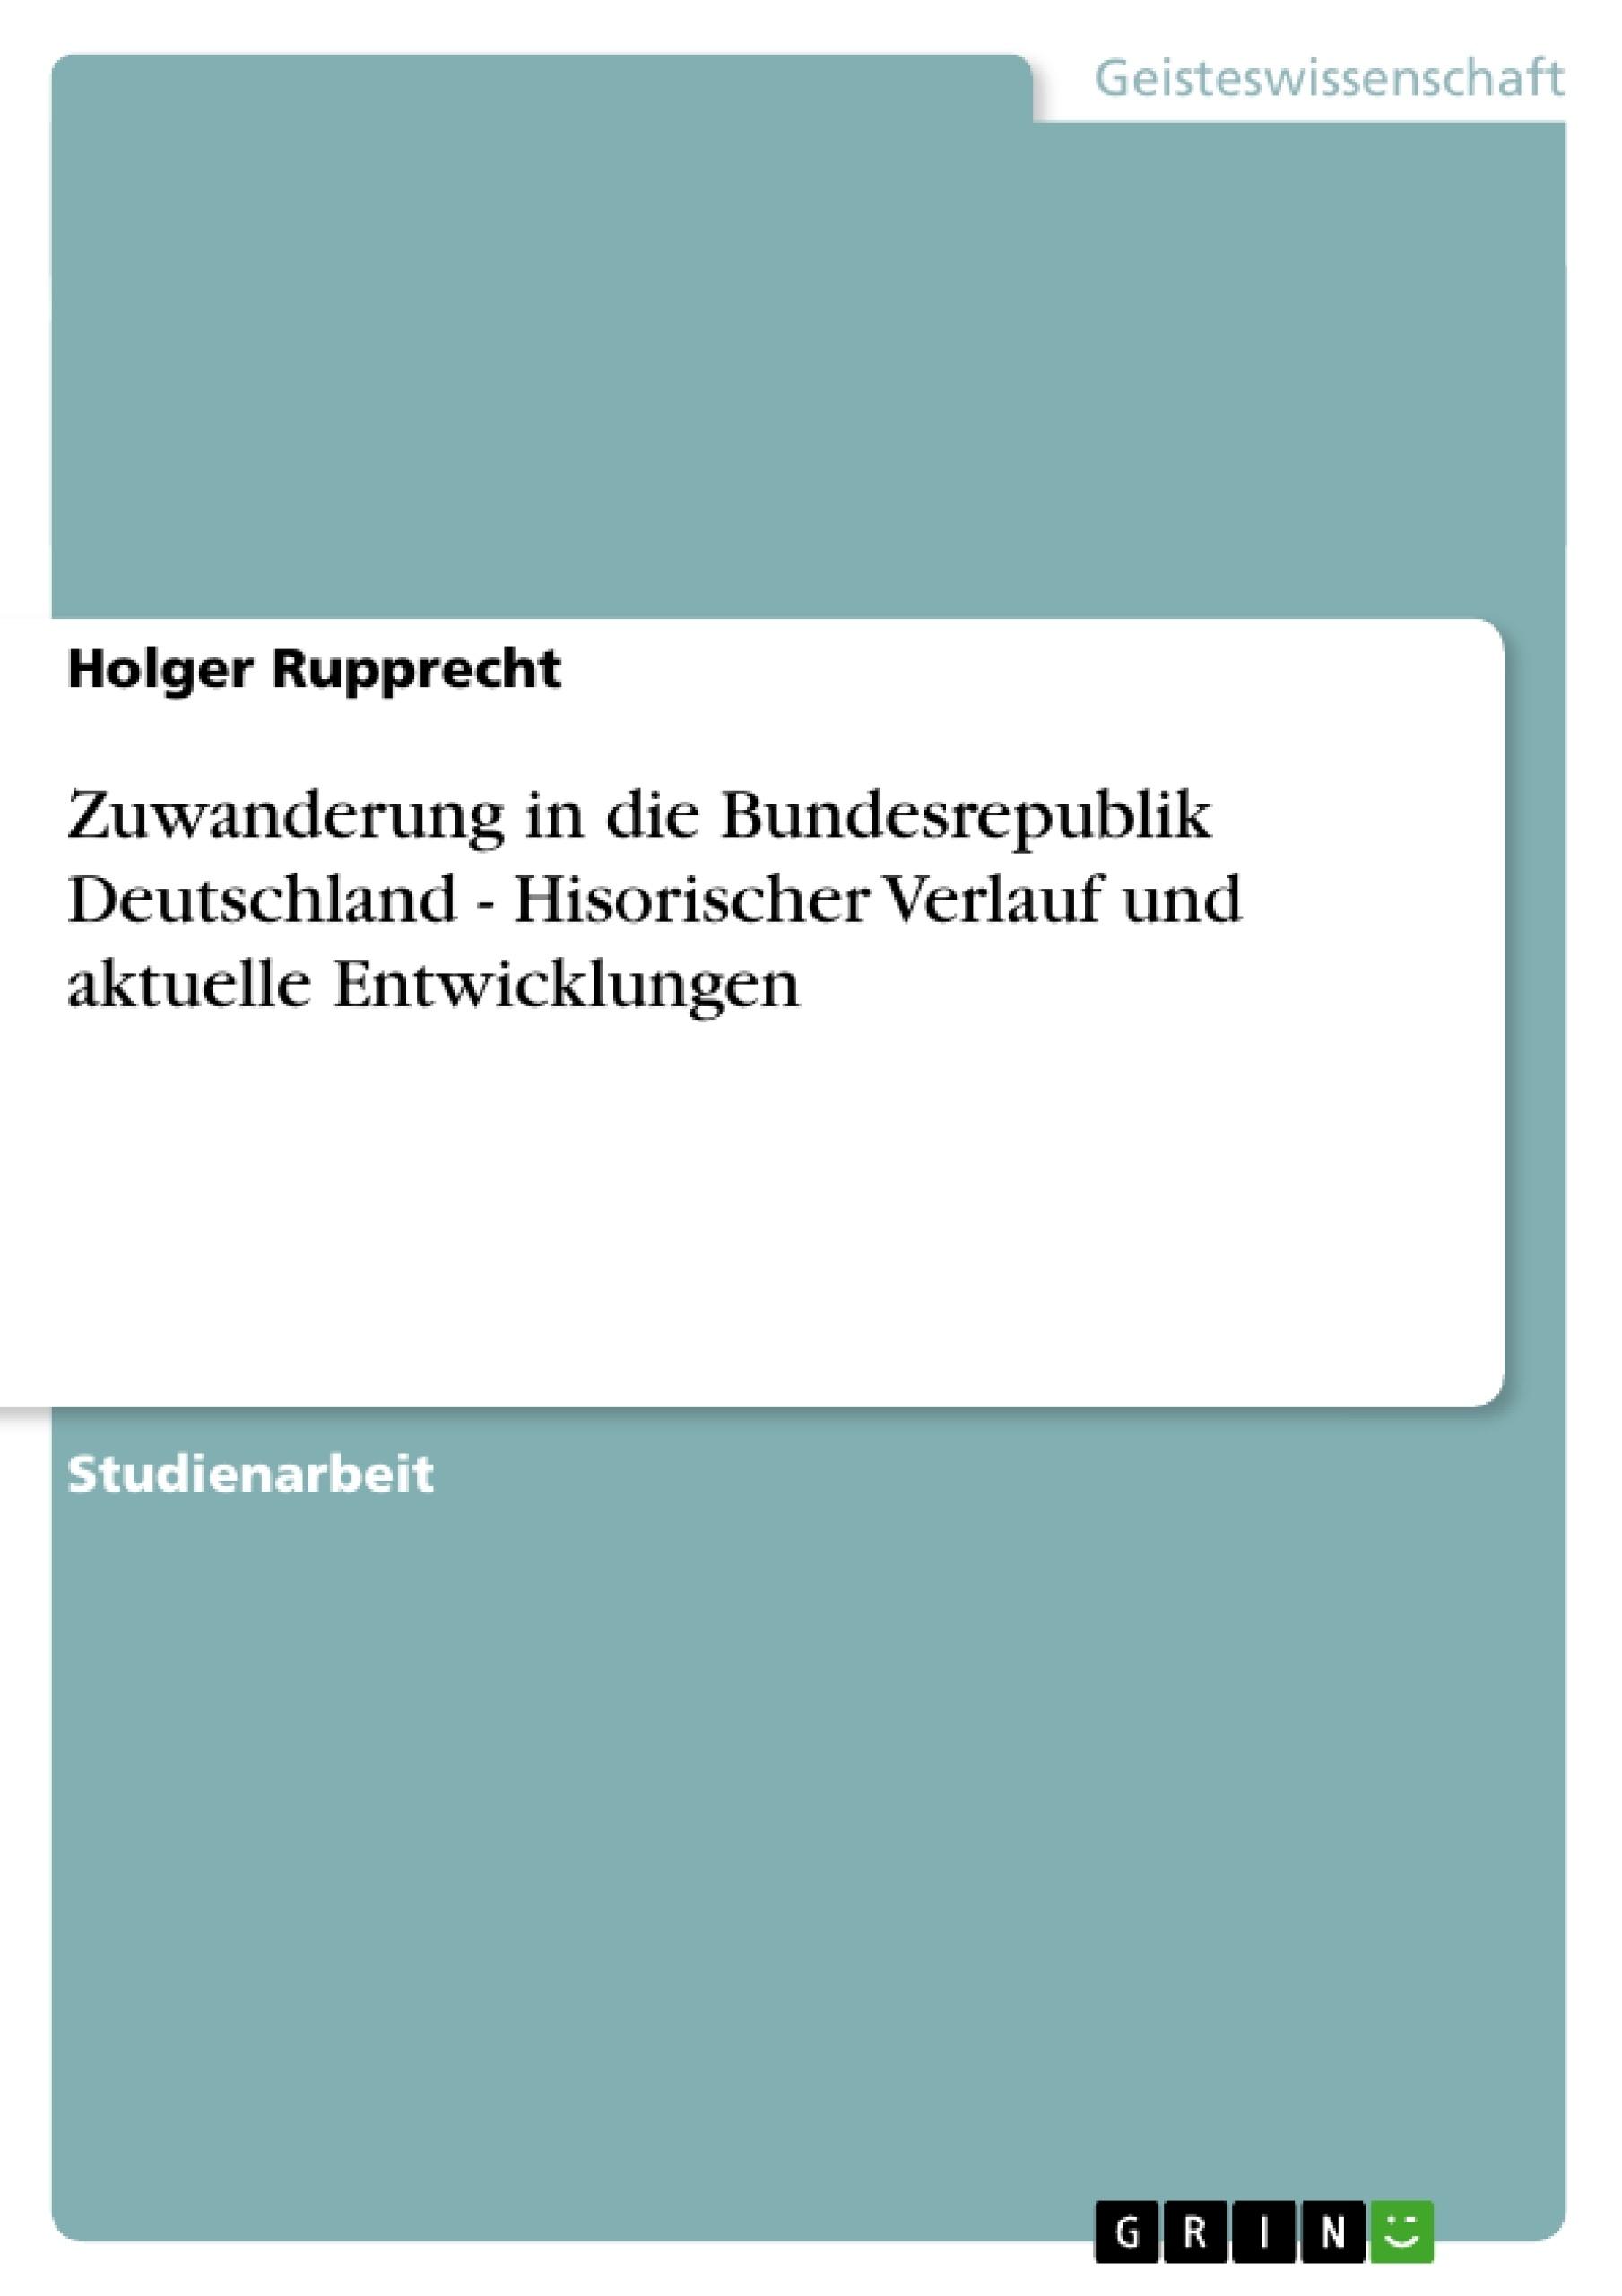 Titel: Zuwanderung in die Bundesrepublik Deutschland - Hisorischer Verlauf und aktuelle Entwicklungen